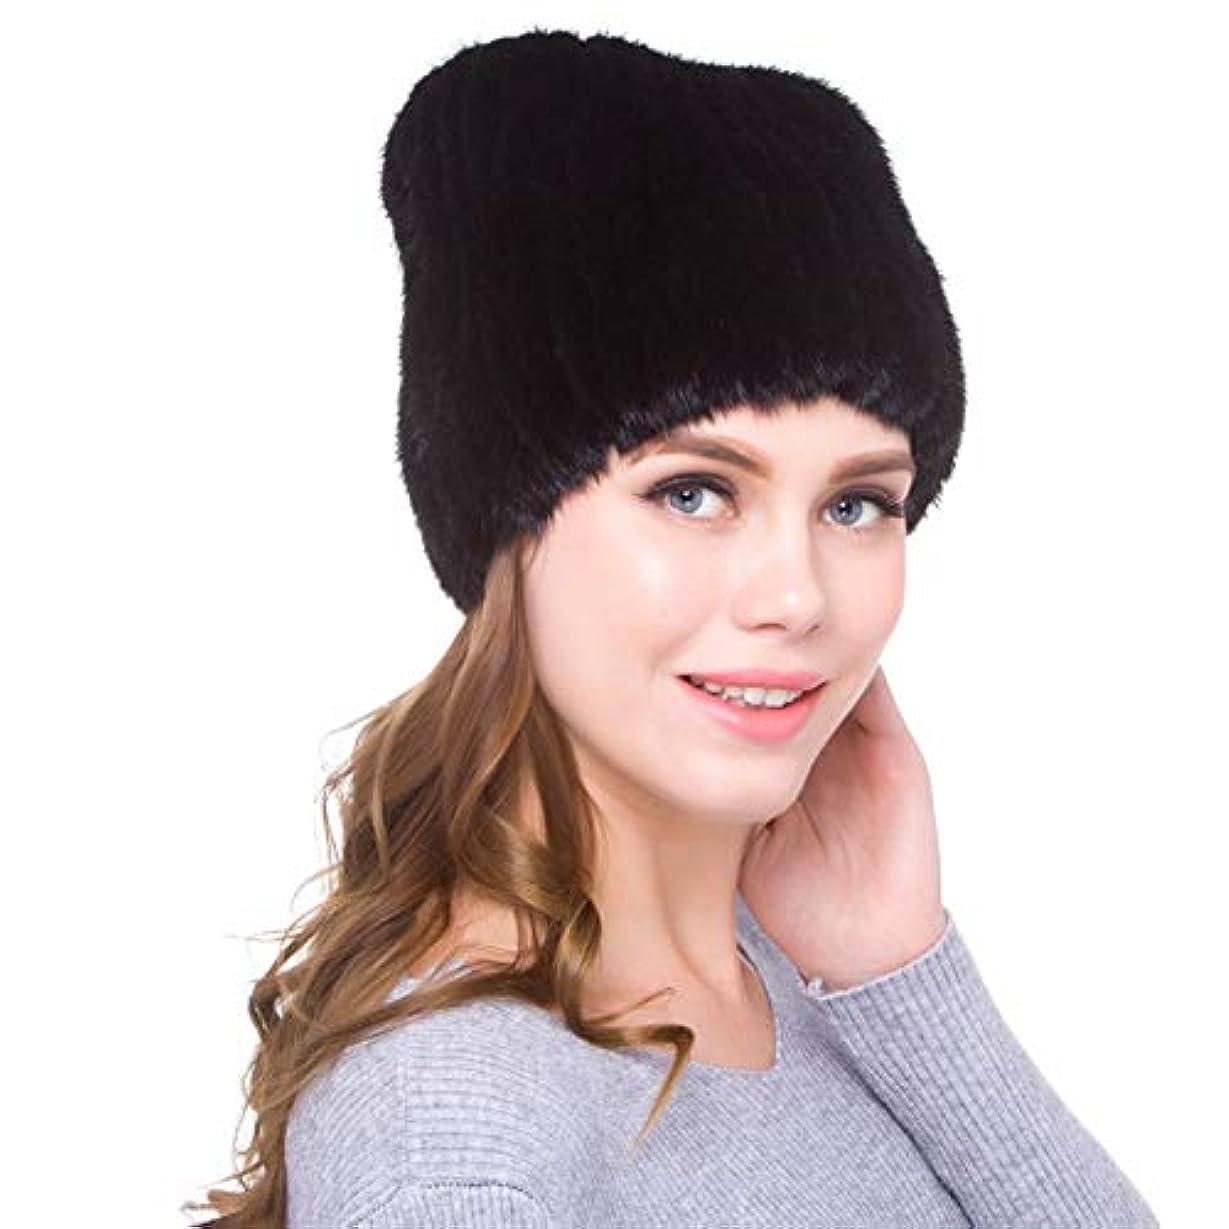 レトルト命令的買い手ACAO 女性のミンクの毛皮の帽子ニットミンクのファッションの女性厚く暖かいニットキャップ (色 : ブラック, Size : M)